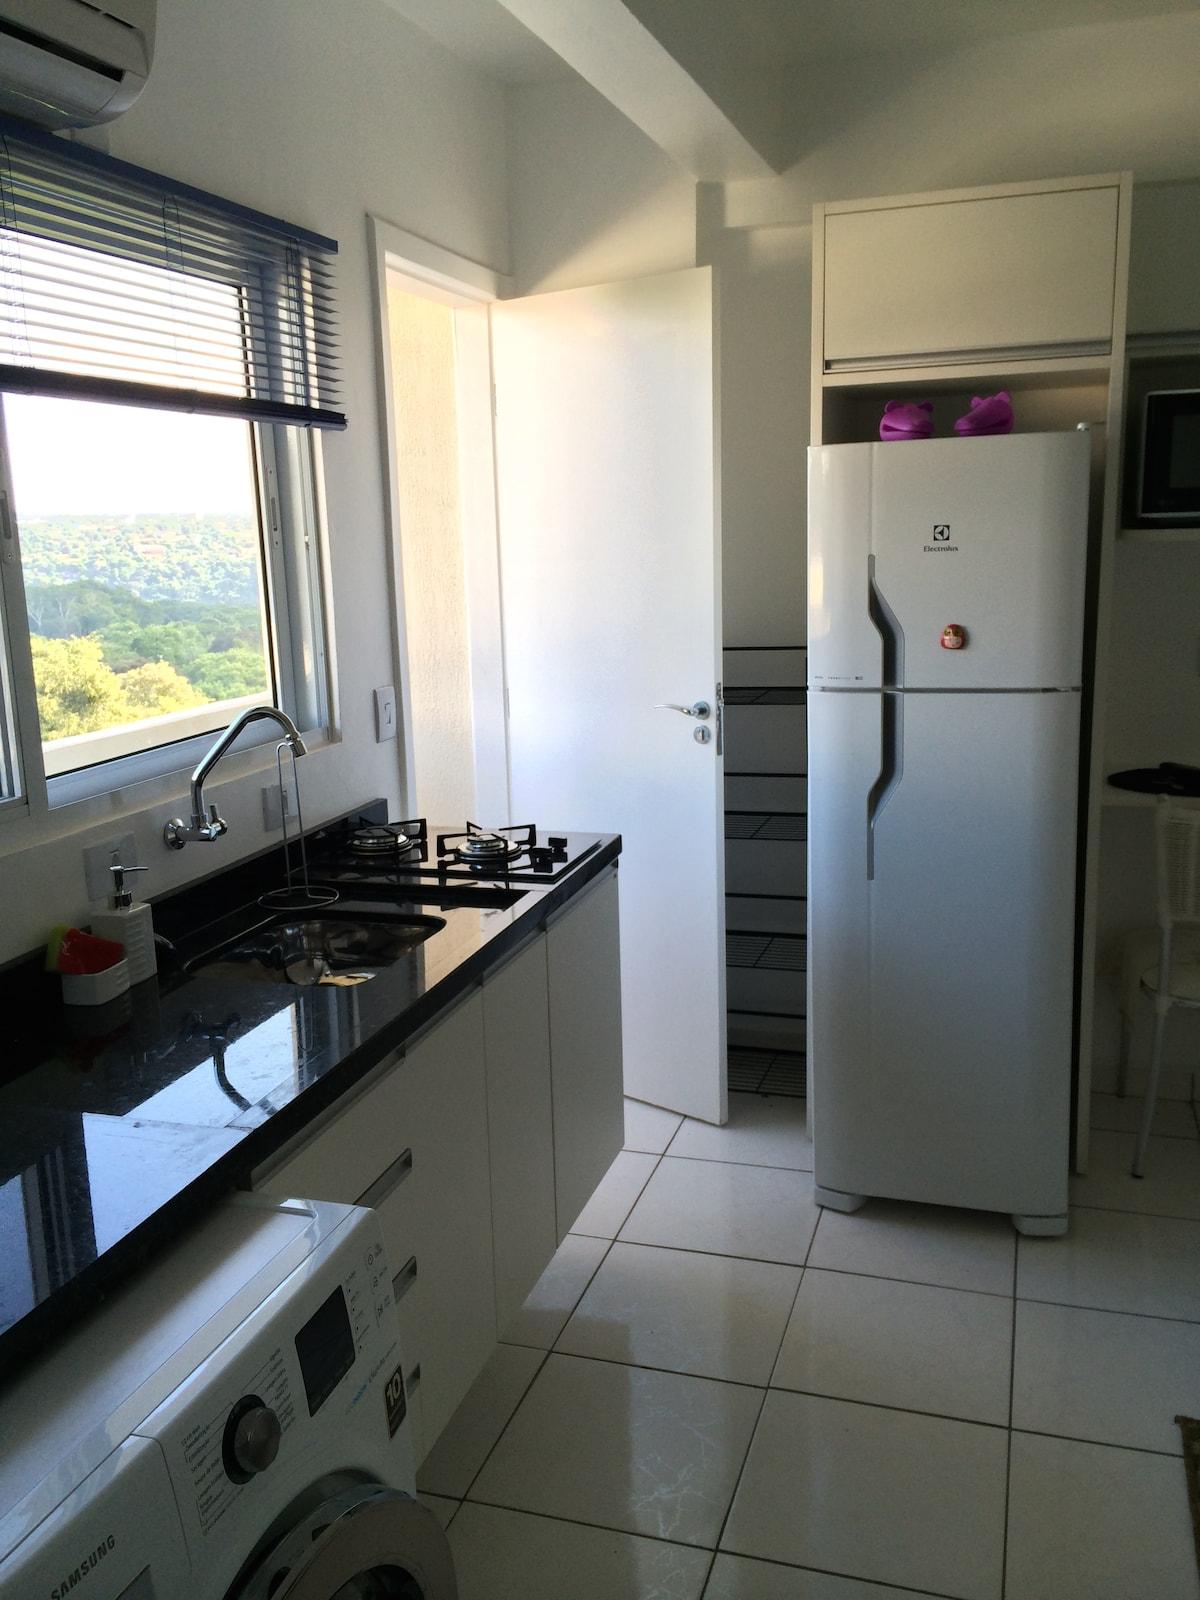 Fridge/Freezer and door to balcony / PT: Geladeira duplex e porta para a sacada.